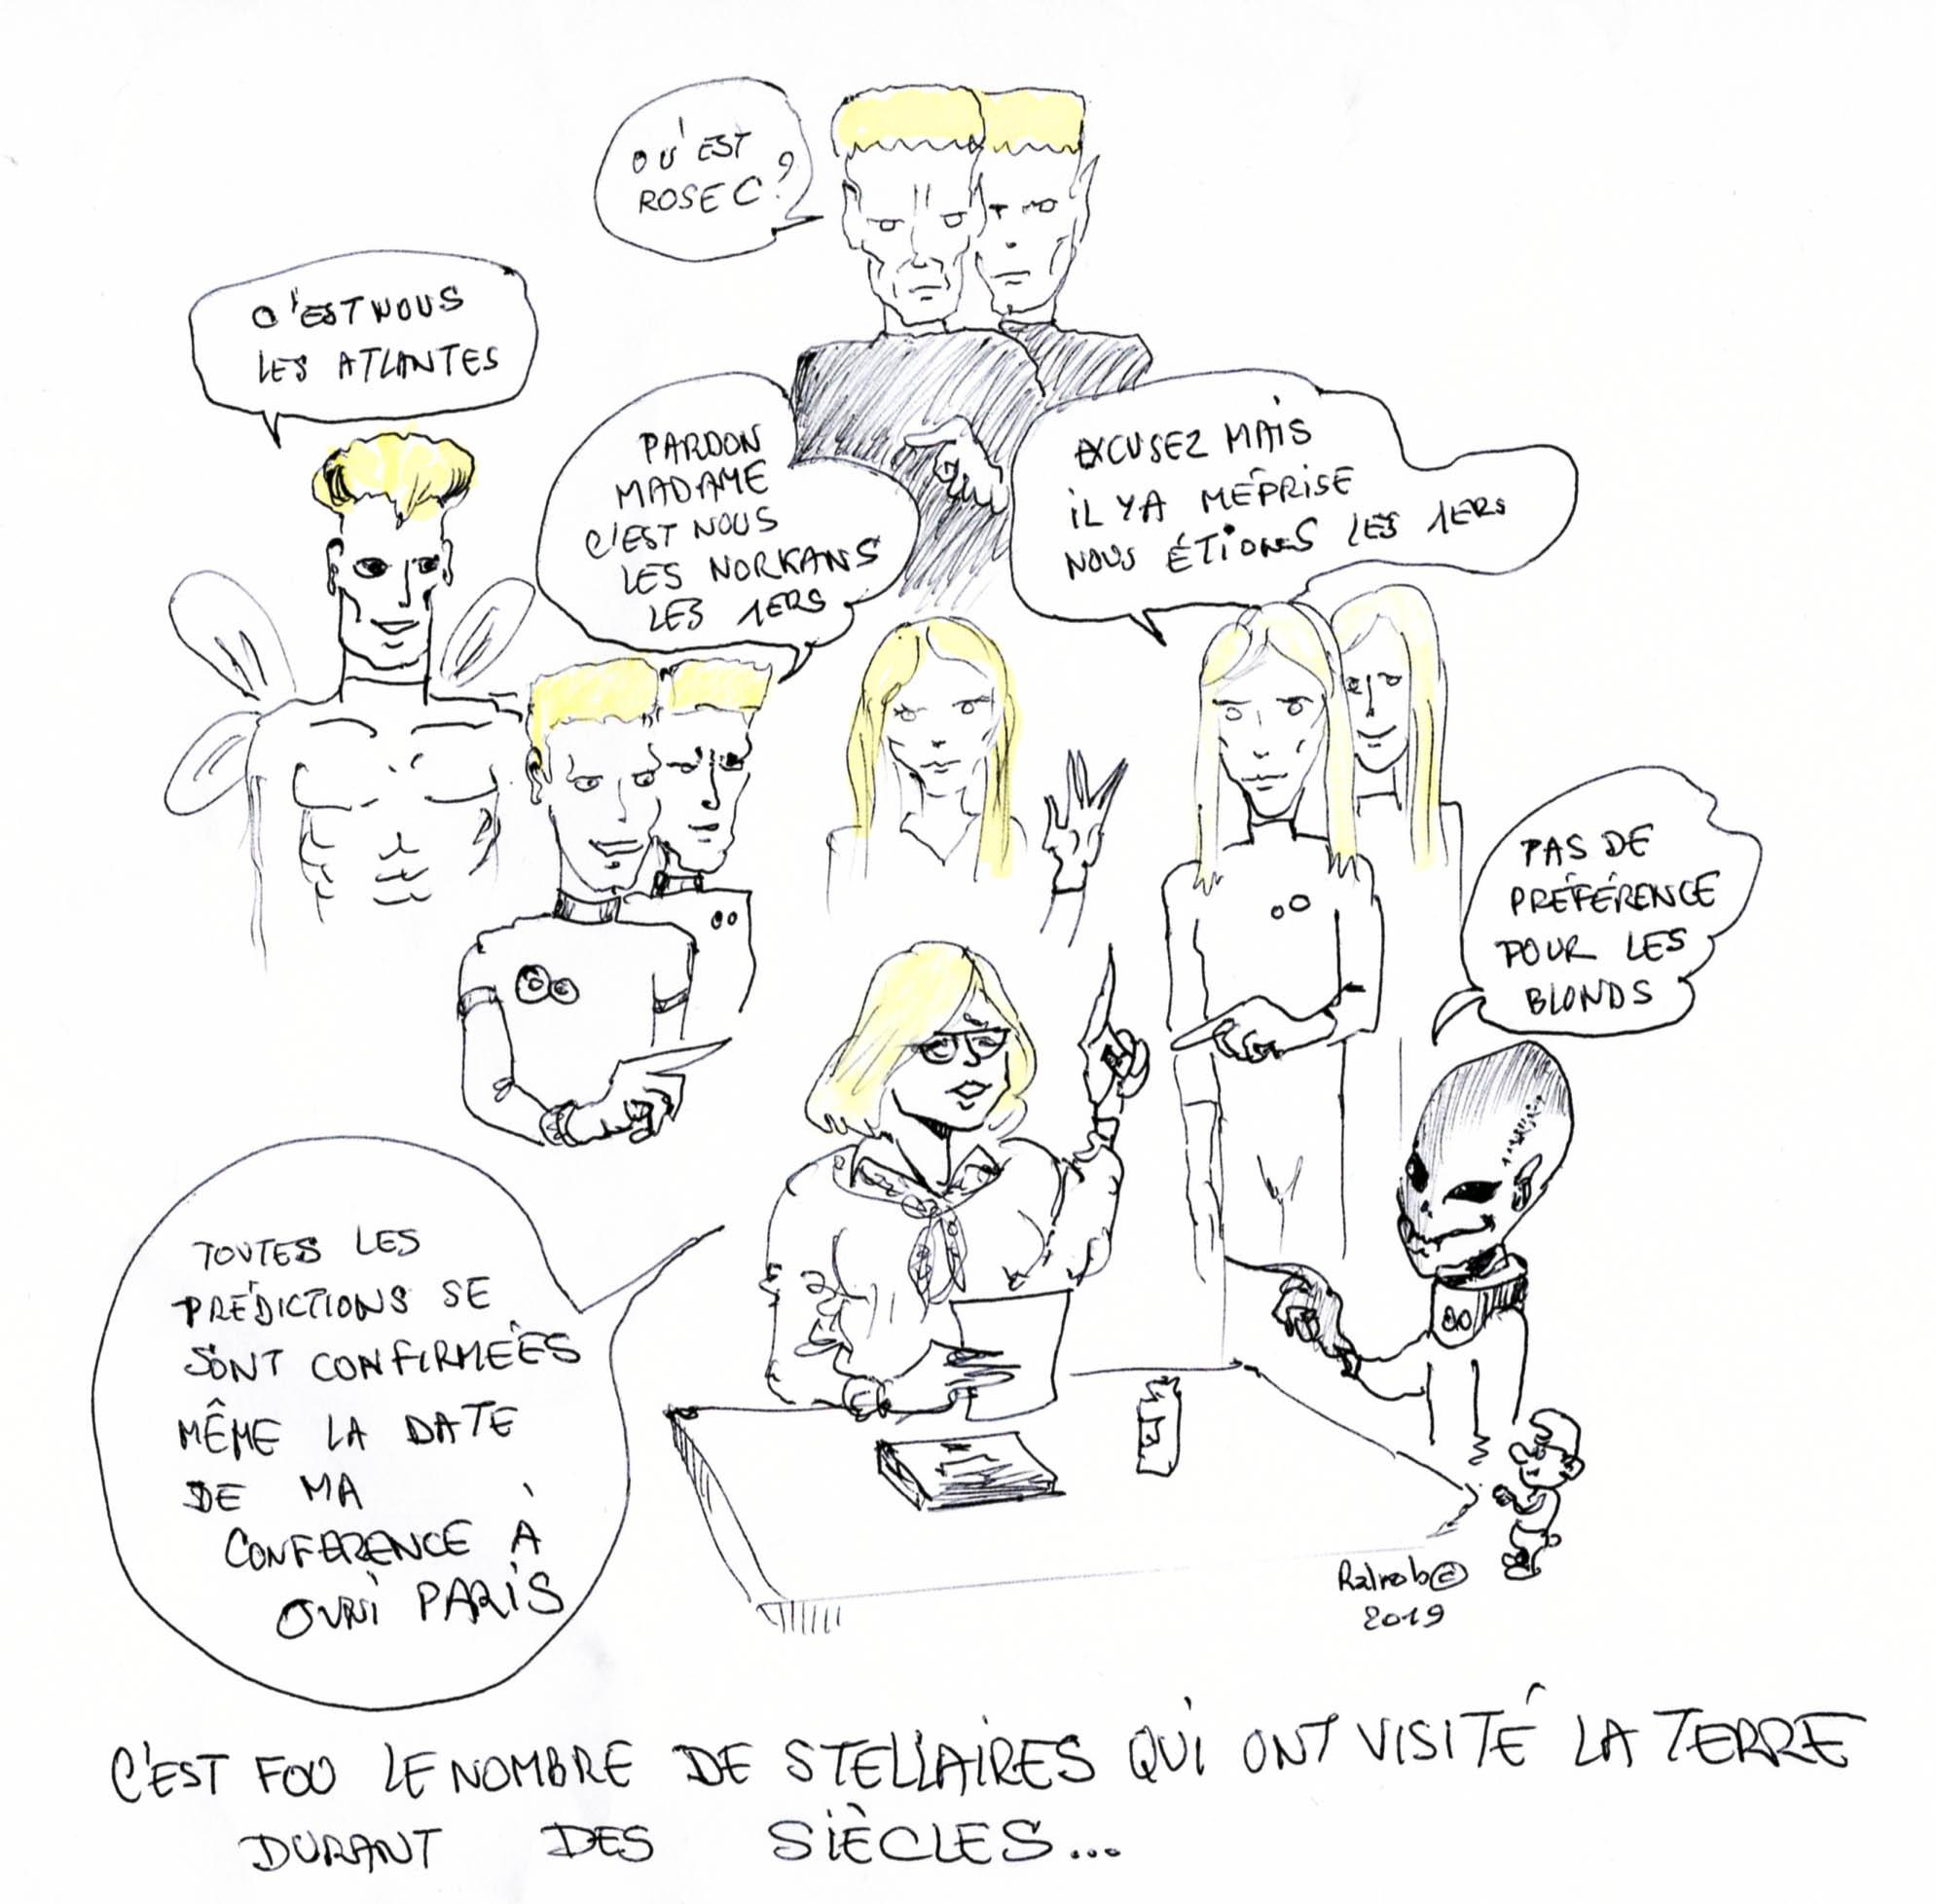 OVNI PARIS sept2019 Humour sceptique